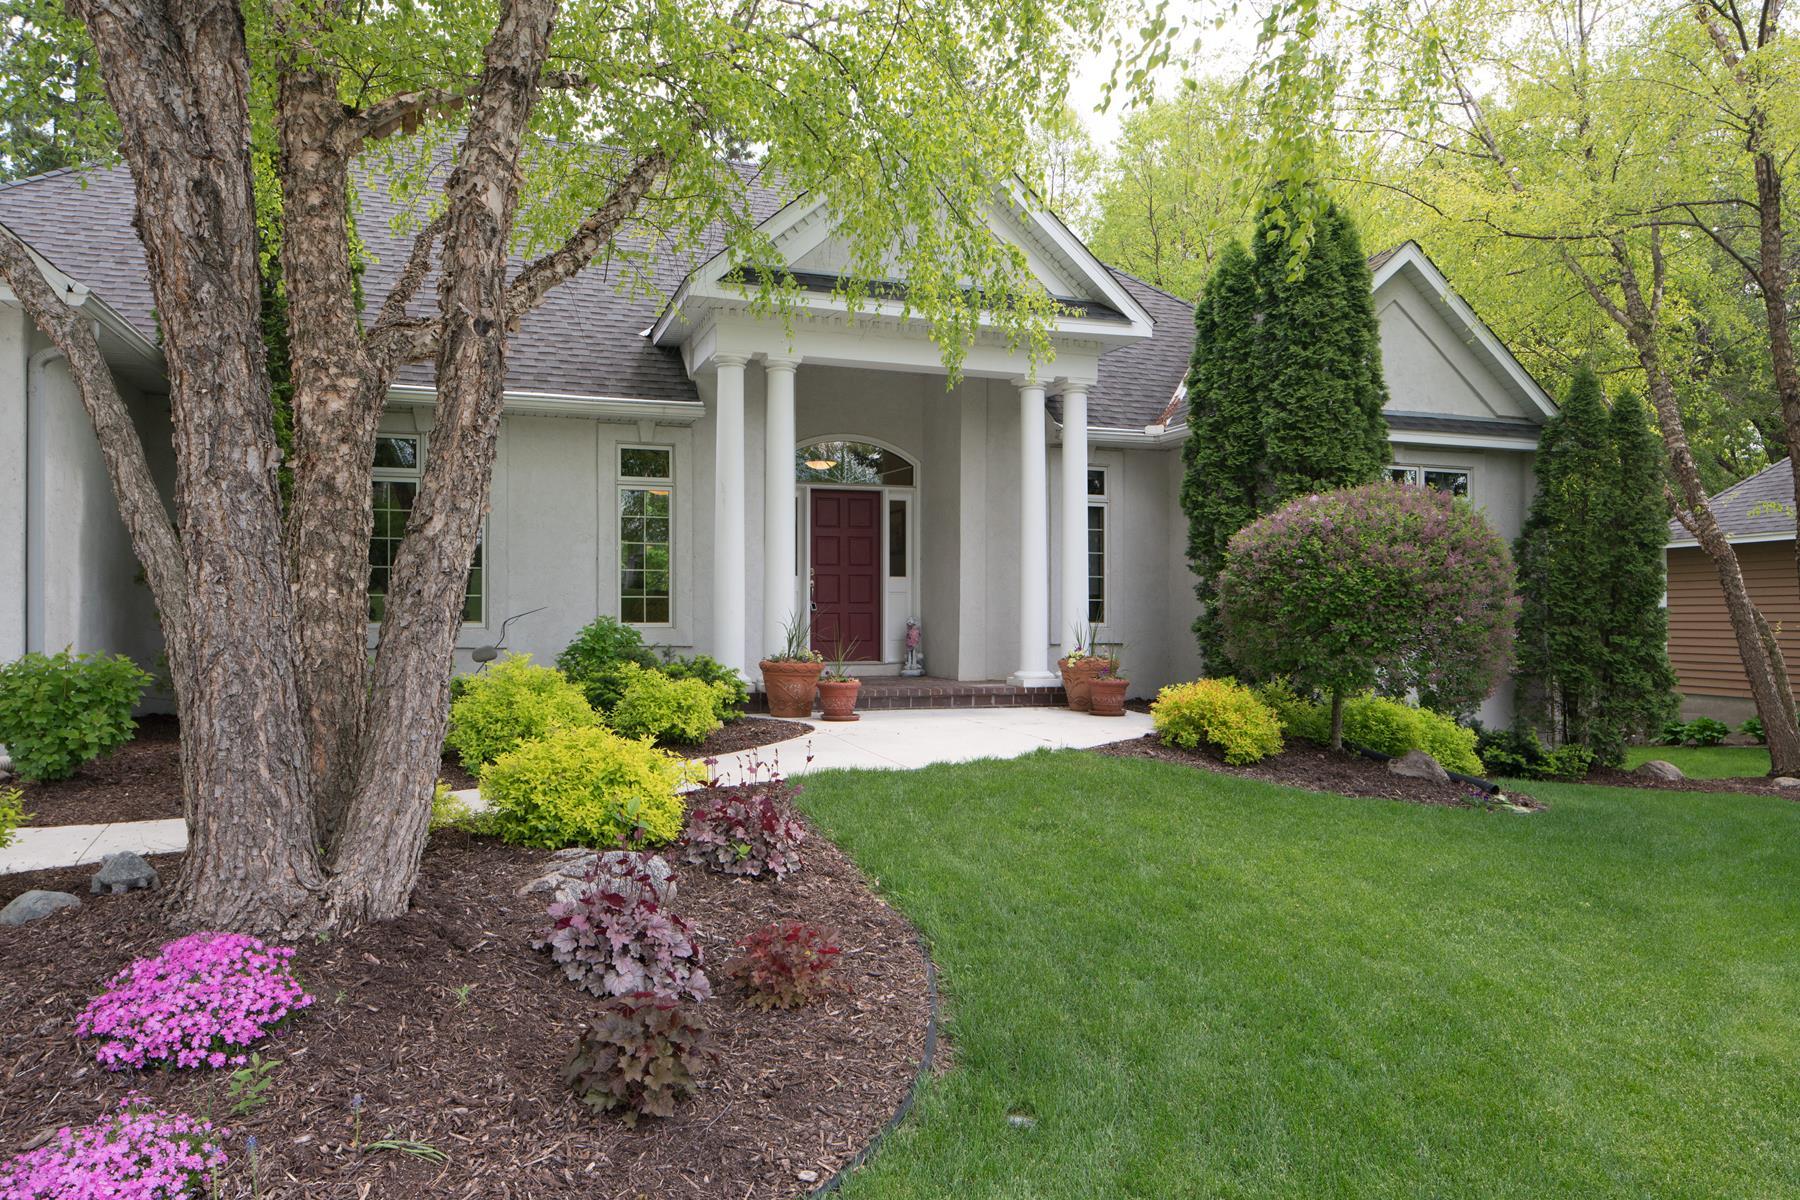 단독 가정 주택 용 매매 에 6989 Highover Court N Chanhassen, 미네소타, 55317 미국